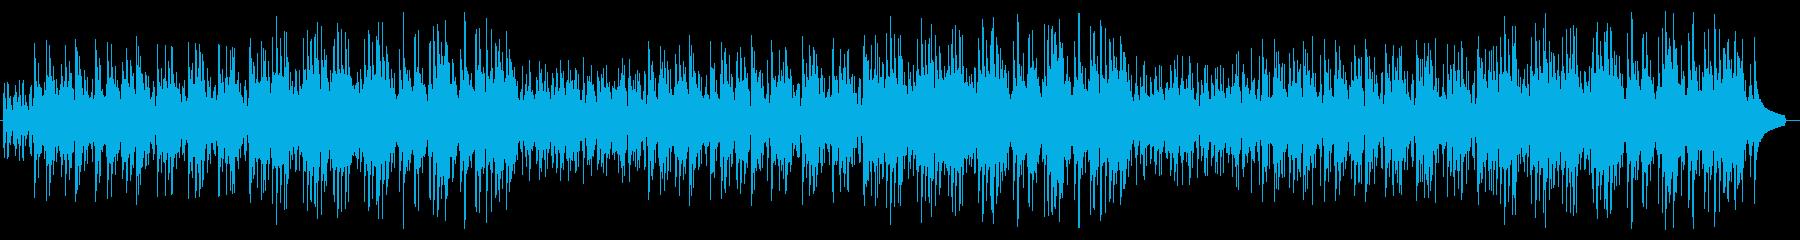 YouTube 鉄琴・ウクレレ・日常の再生済みの波形